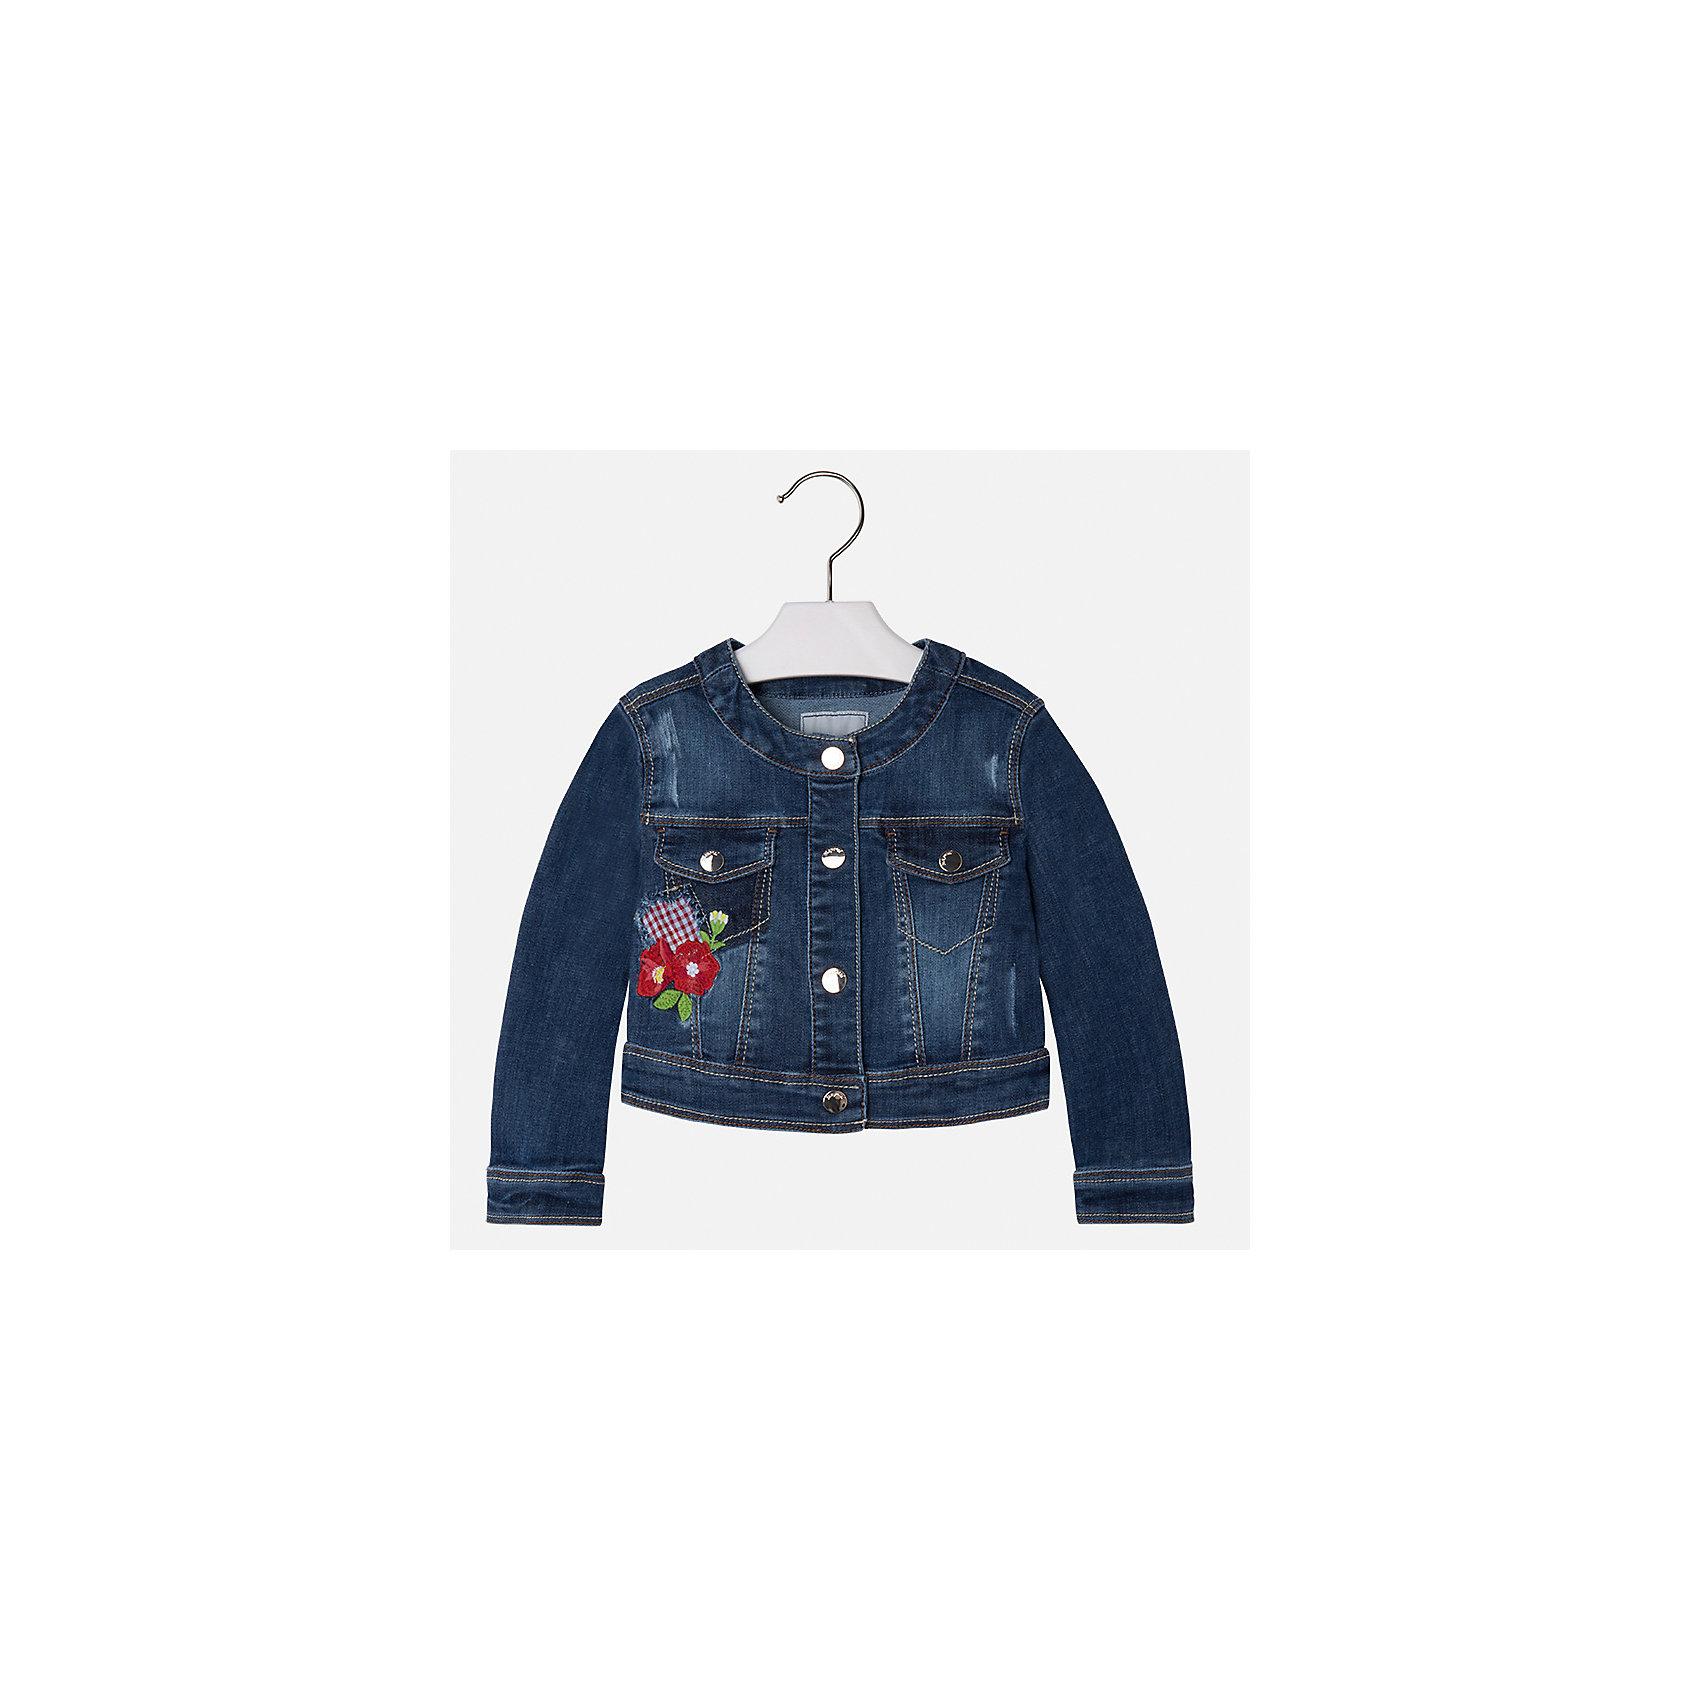 Куртка джинсовая для девочки MayoralВесенняя капель<br>Характеристики товара:<br><br>• цвет: синий<br>• состав: 81% полиэстер, 17% вискоза, 2% эластан<br>• температурный режим: от +20°до +10°С<br>• вышивка<br>• карманы<br>• с длинными рукавами <br>• застежки: кнопки<br>• страна бренда: Испания<br><br>Удобная и модная куртка для девочки поможет разнообразить гардероб ребенка и обеспечить тепло в прохладную погоду. Она отлично сочетается и с юбками, и с брюками. Красивый цвет позволяет подобрать к вещи низ различных расцветок. Интересная отделка модели делает её нарядной и стильной. Оригинальной и модной куртку делает красивая вышивка.<br><br>Одежда, обувь и аксессуары от испанского бренда Mayoral полюбились детям и взрослым по всему миру. Модели этой марки - стильные и удобные. Для их производства используются только безопасные, качественные материалы и фурнитура. Порадуйте ребенка модными и красивыми вещами от Mayoral! <br><br>Куртку для девочки от испанского бренда Mayoral (Майорал) можно купить в нашем интернет-магазине.<br><br>Ширина мм: 356<br>Глубина мм: 10<br>Высота мм: 245<br>Вес г: 519<br>Цвет: разноцветный<br>Возраст от месяцев: 96<br>Возраст до месяцев: 108<br>Пол: Женский<br>Возраст: Детский<br>Размер: 134,92,98,104,110,116,122,128<br>SKU: 5290118